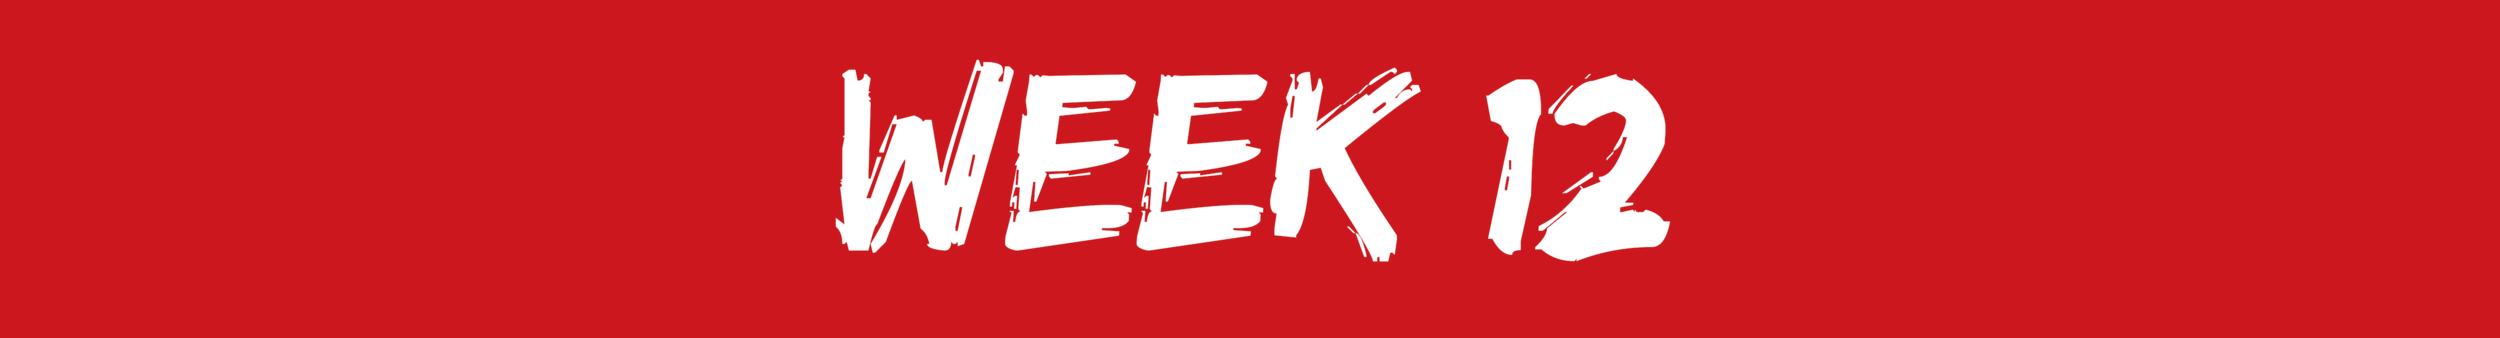 LCA4R week 12.png